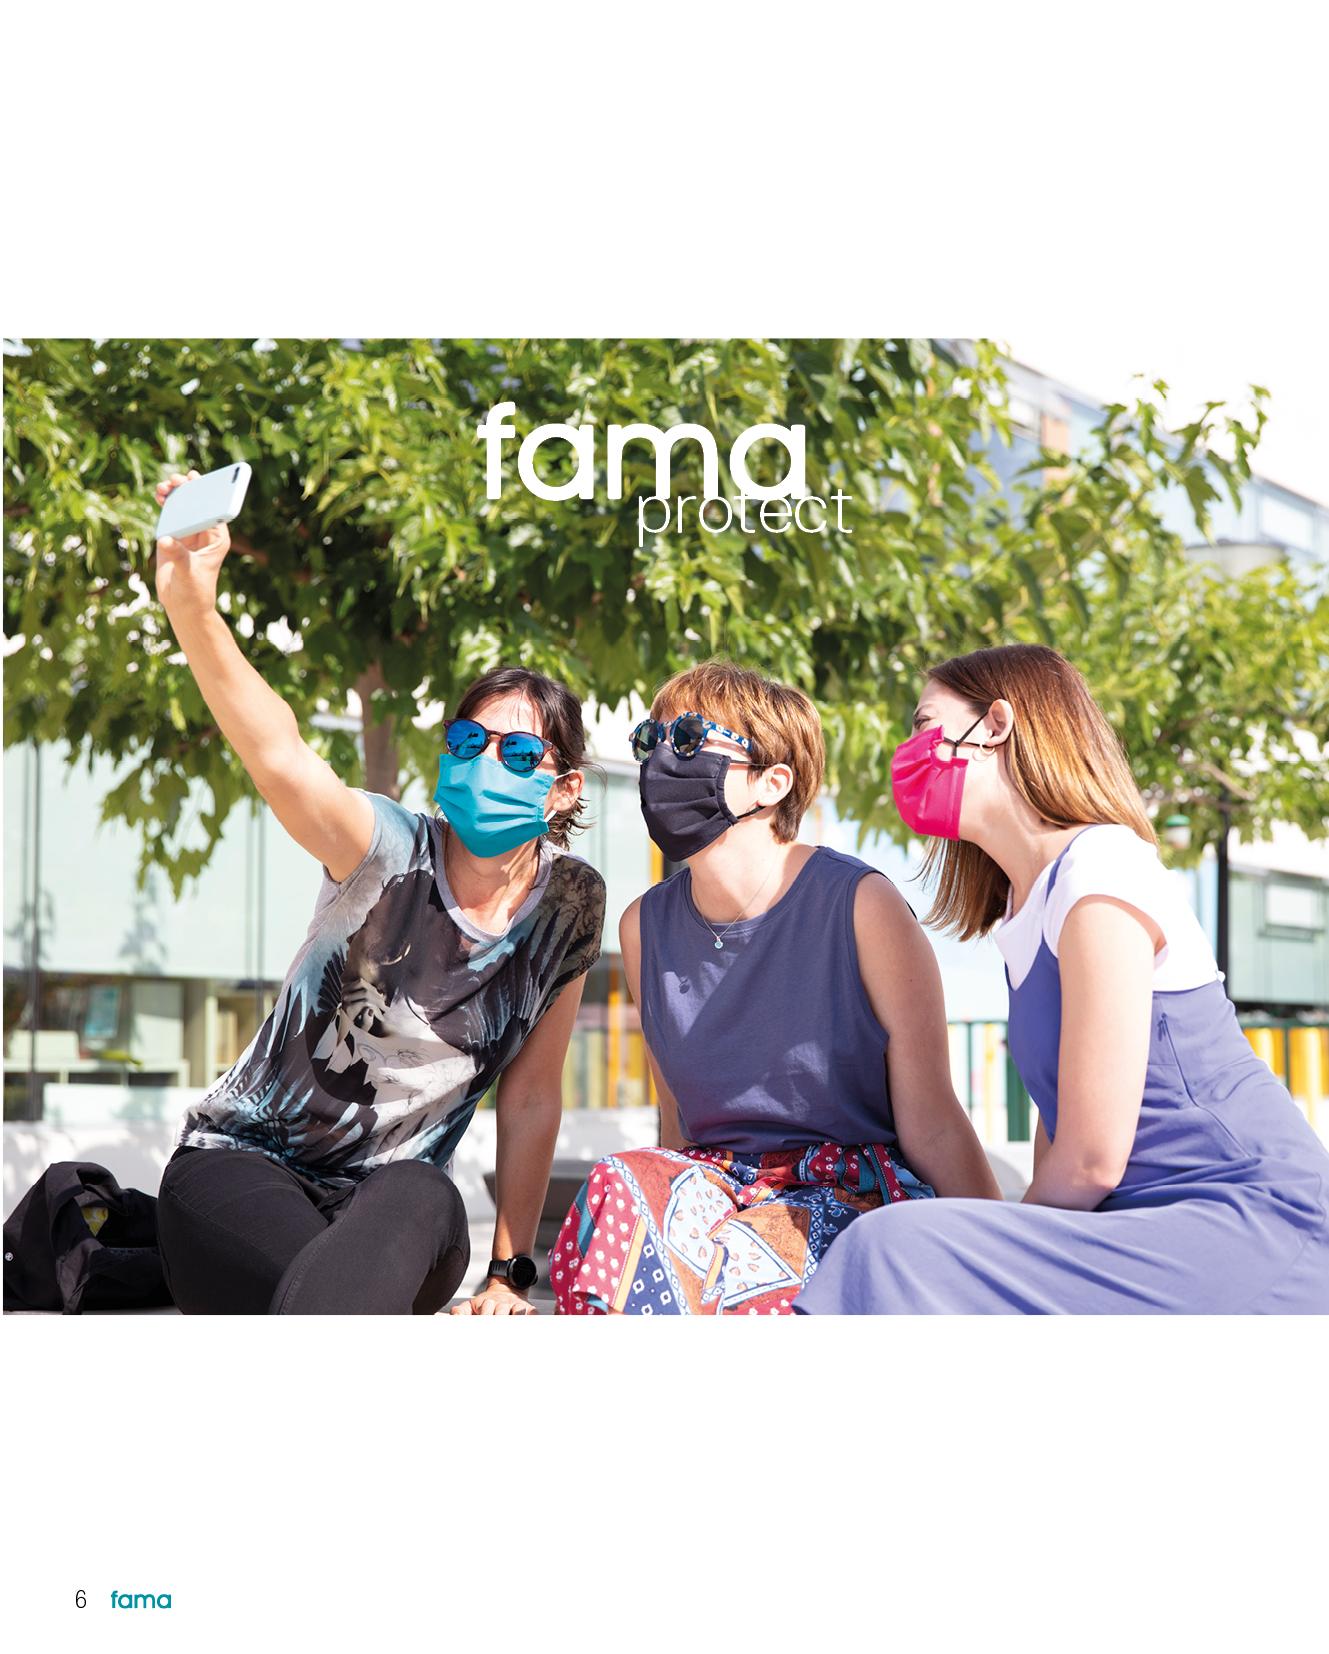 Catálogo Fama Protect 06